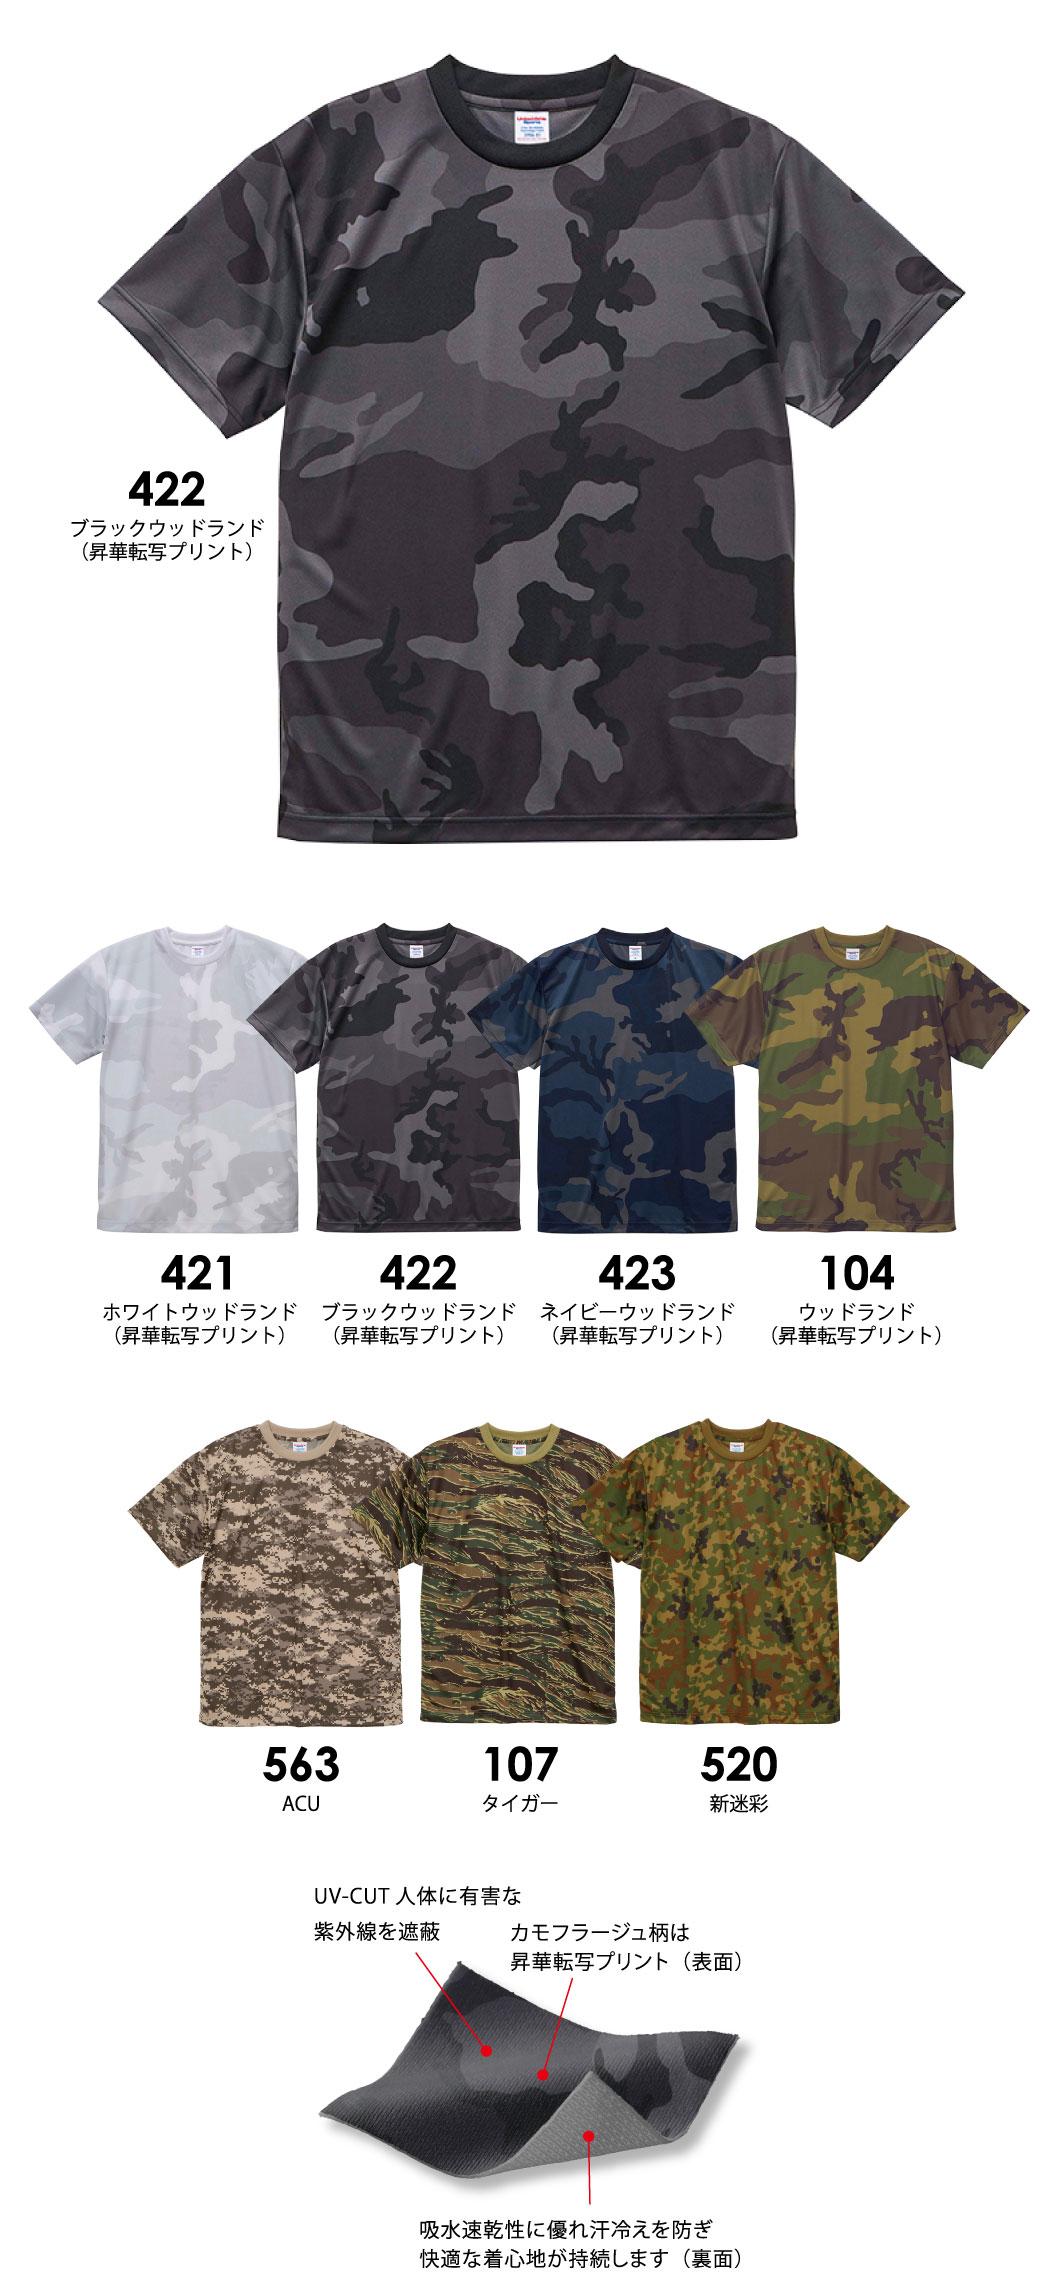 5906-01ドライアスレチックカモフラージュTシャツの色見本画像